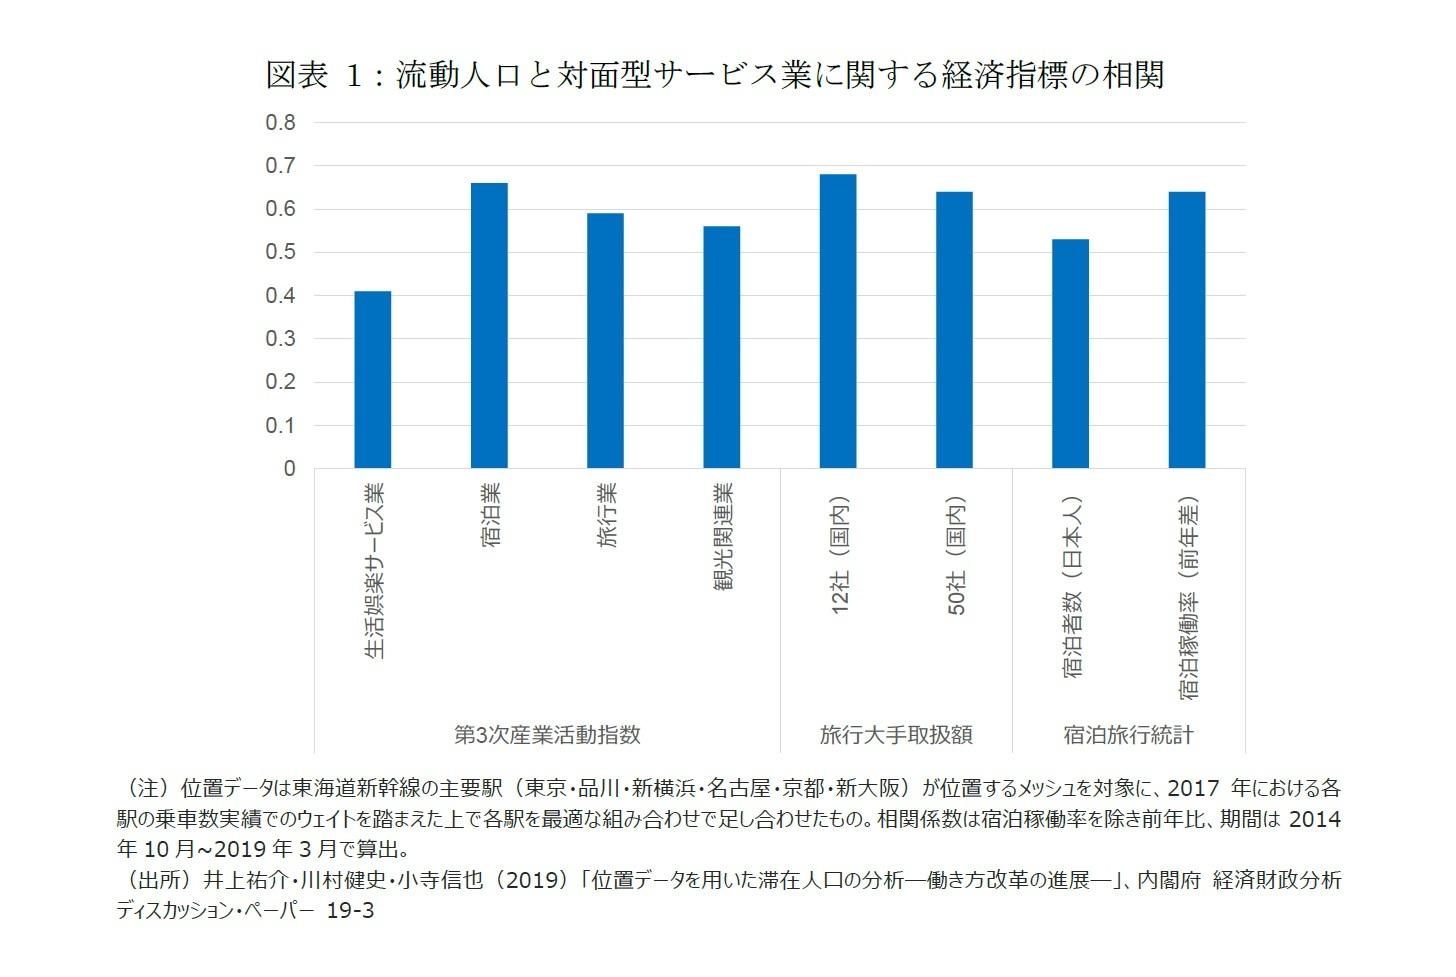 図表1:流動人口と対面型サービス業に関する経済指標の相関